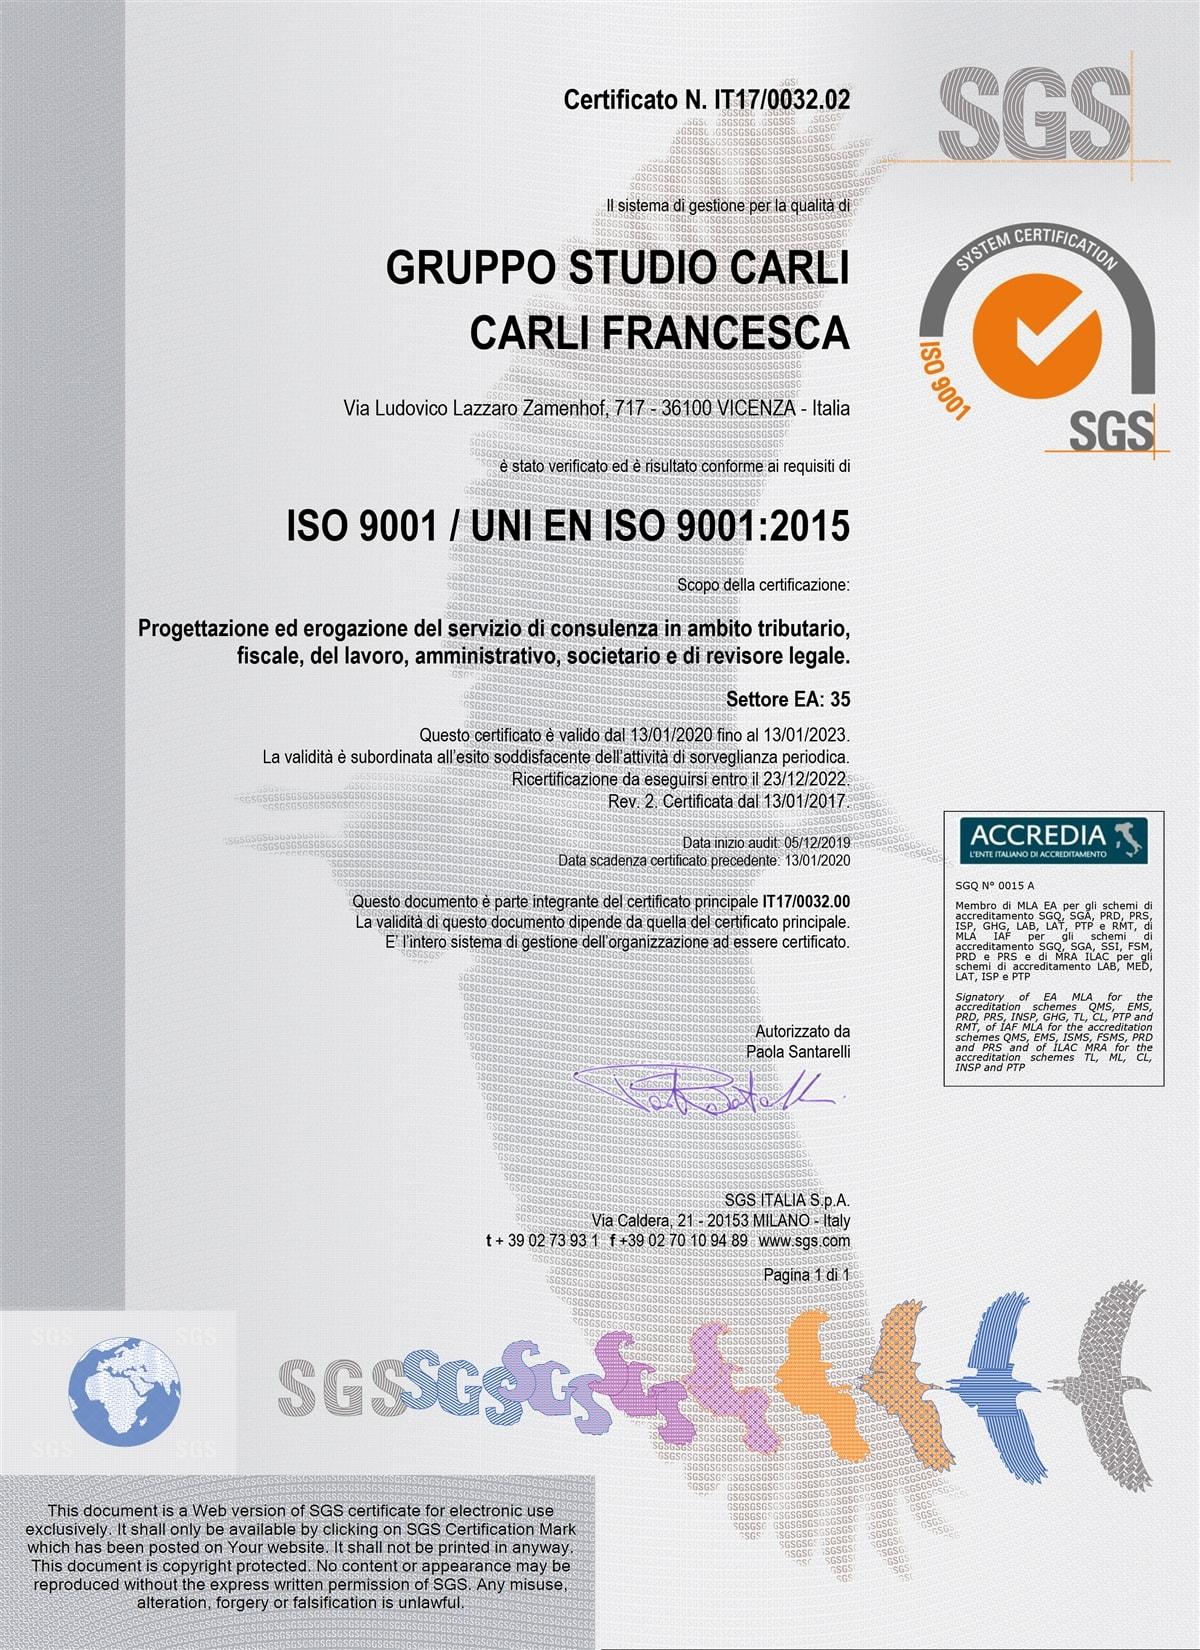 Certificato qualità SGS N IT17003202